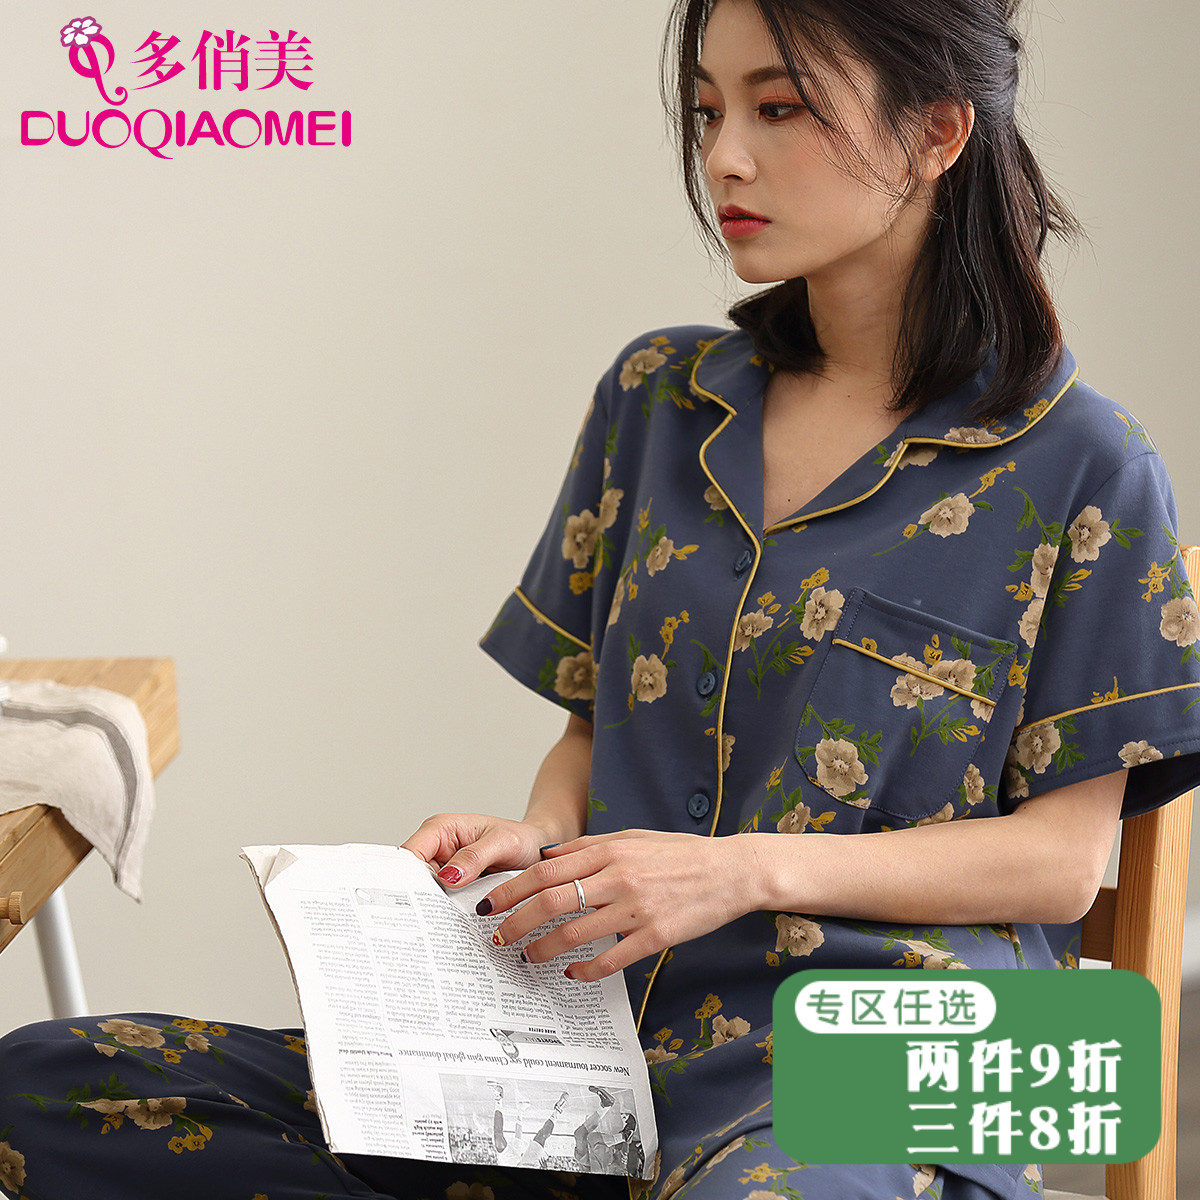 10月21日最新优惠短袖长裤夏季加大码妈妈天纯棉睡衣